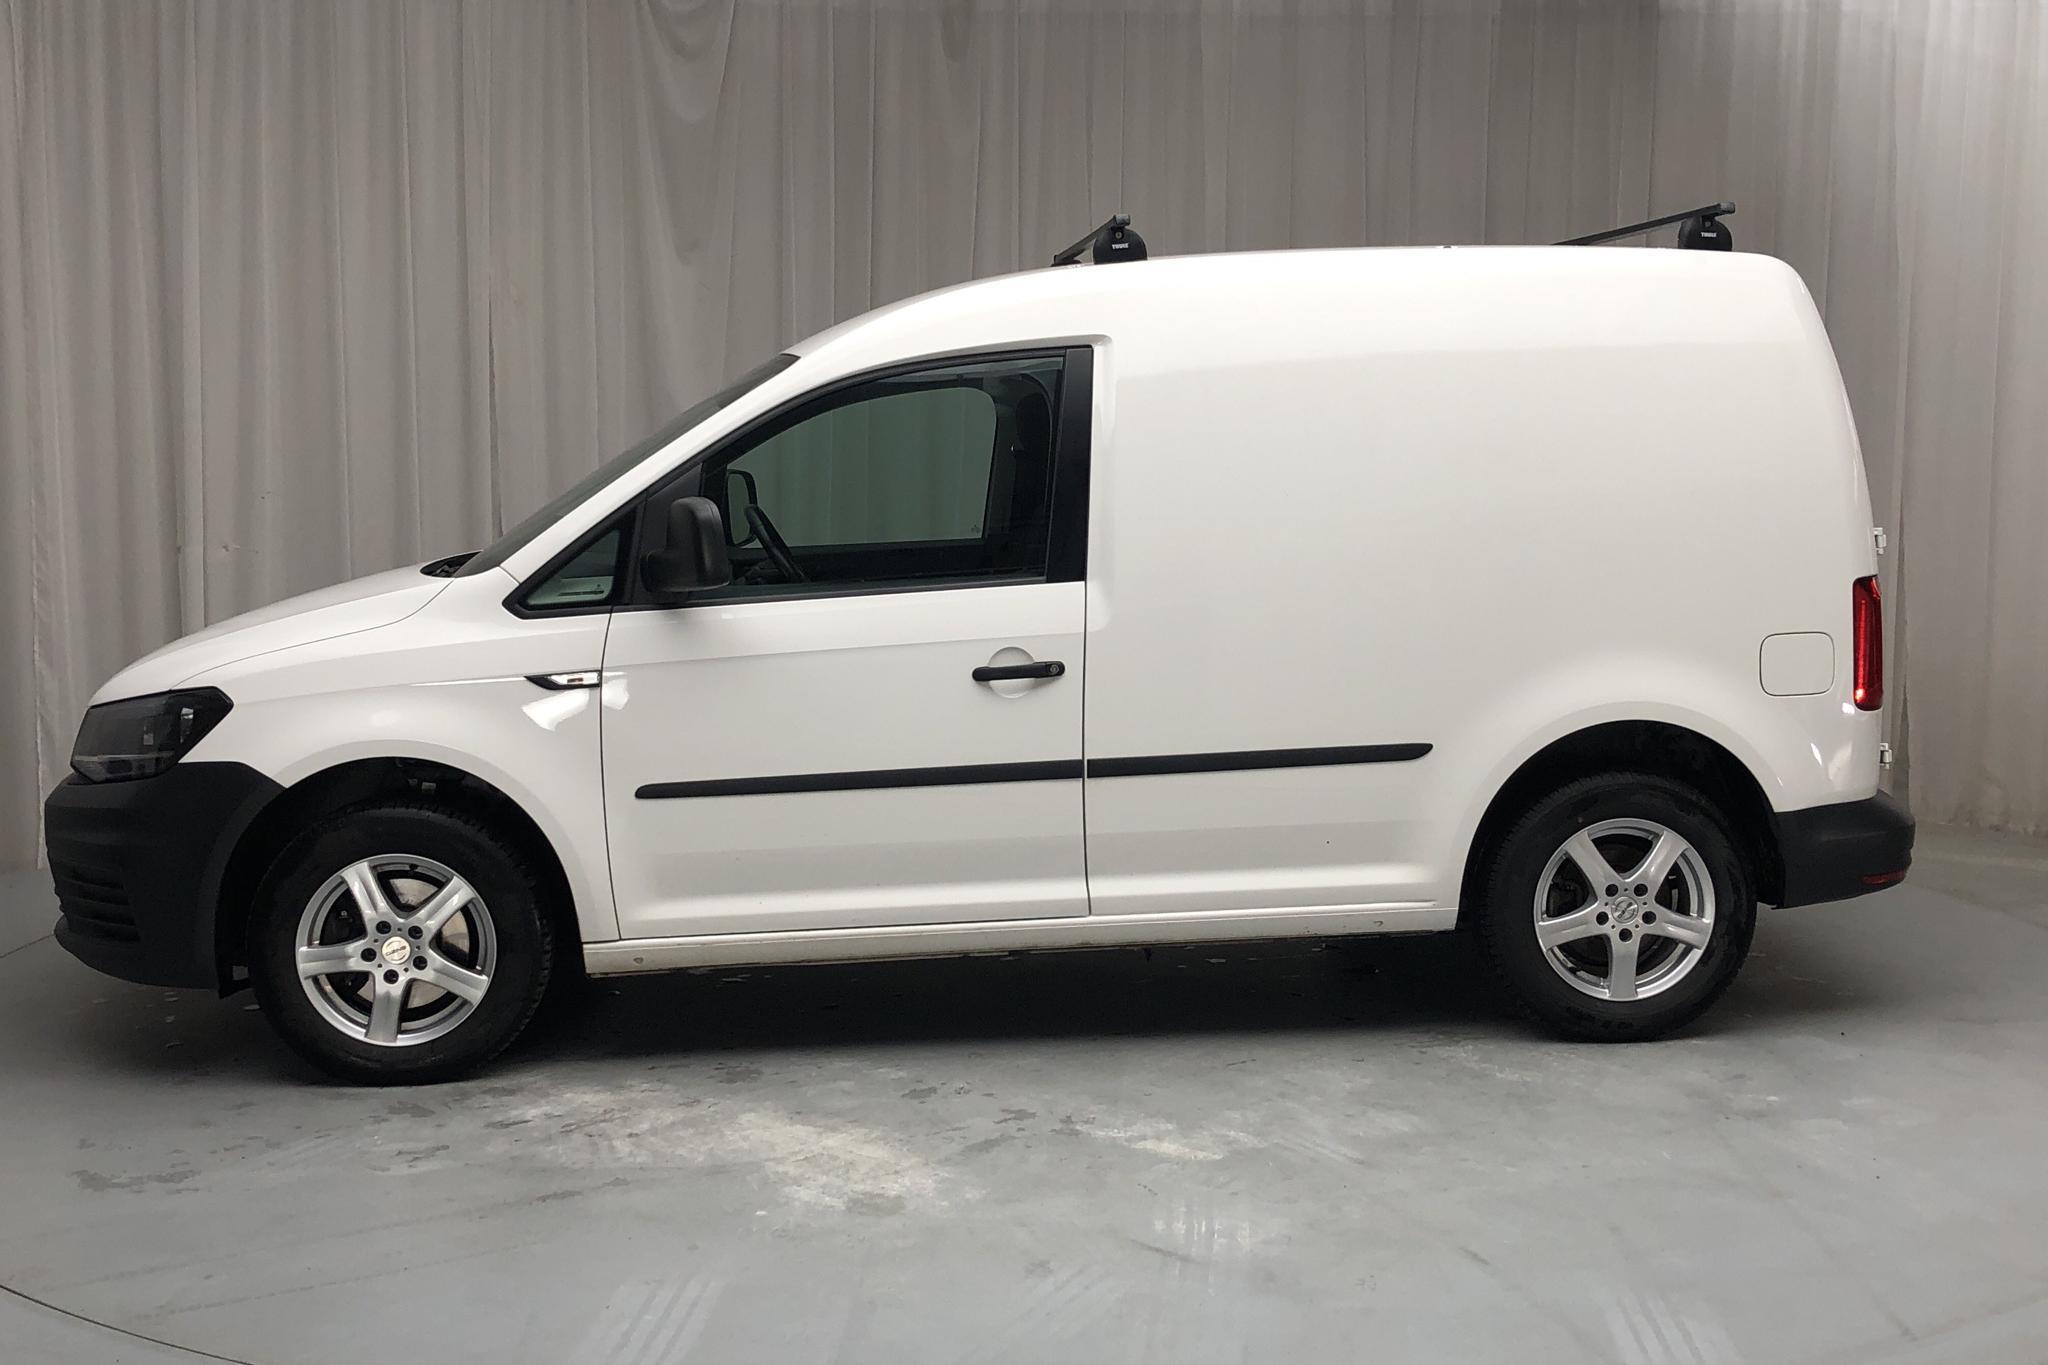 VW Caddy 2.0 TDI Skåp (75hk) - 62 160 km - Manual - white - 2016